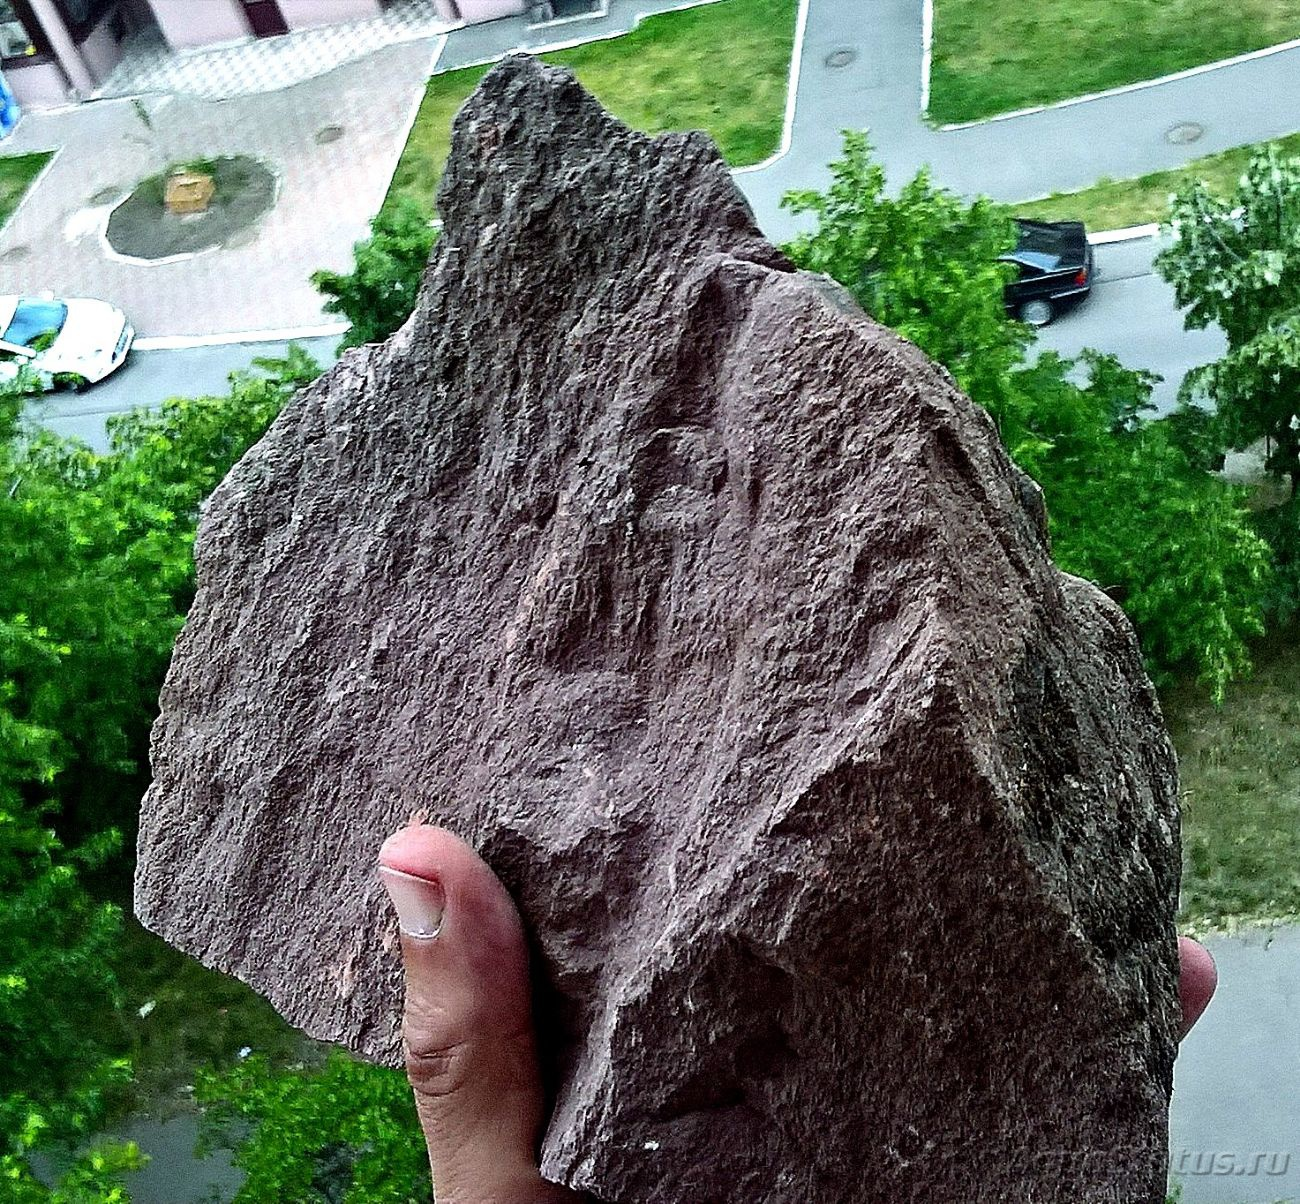 Вулканический туф, что это за камень такой?